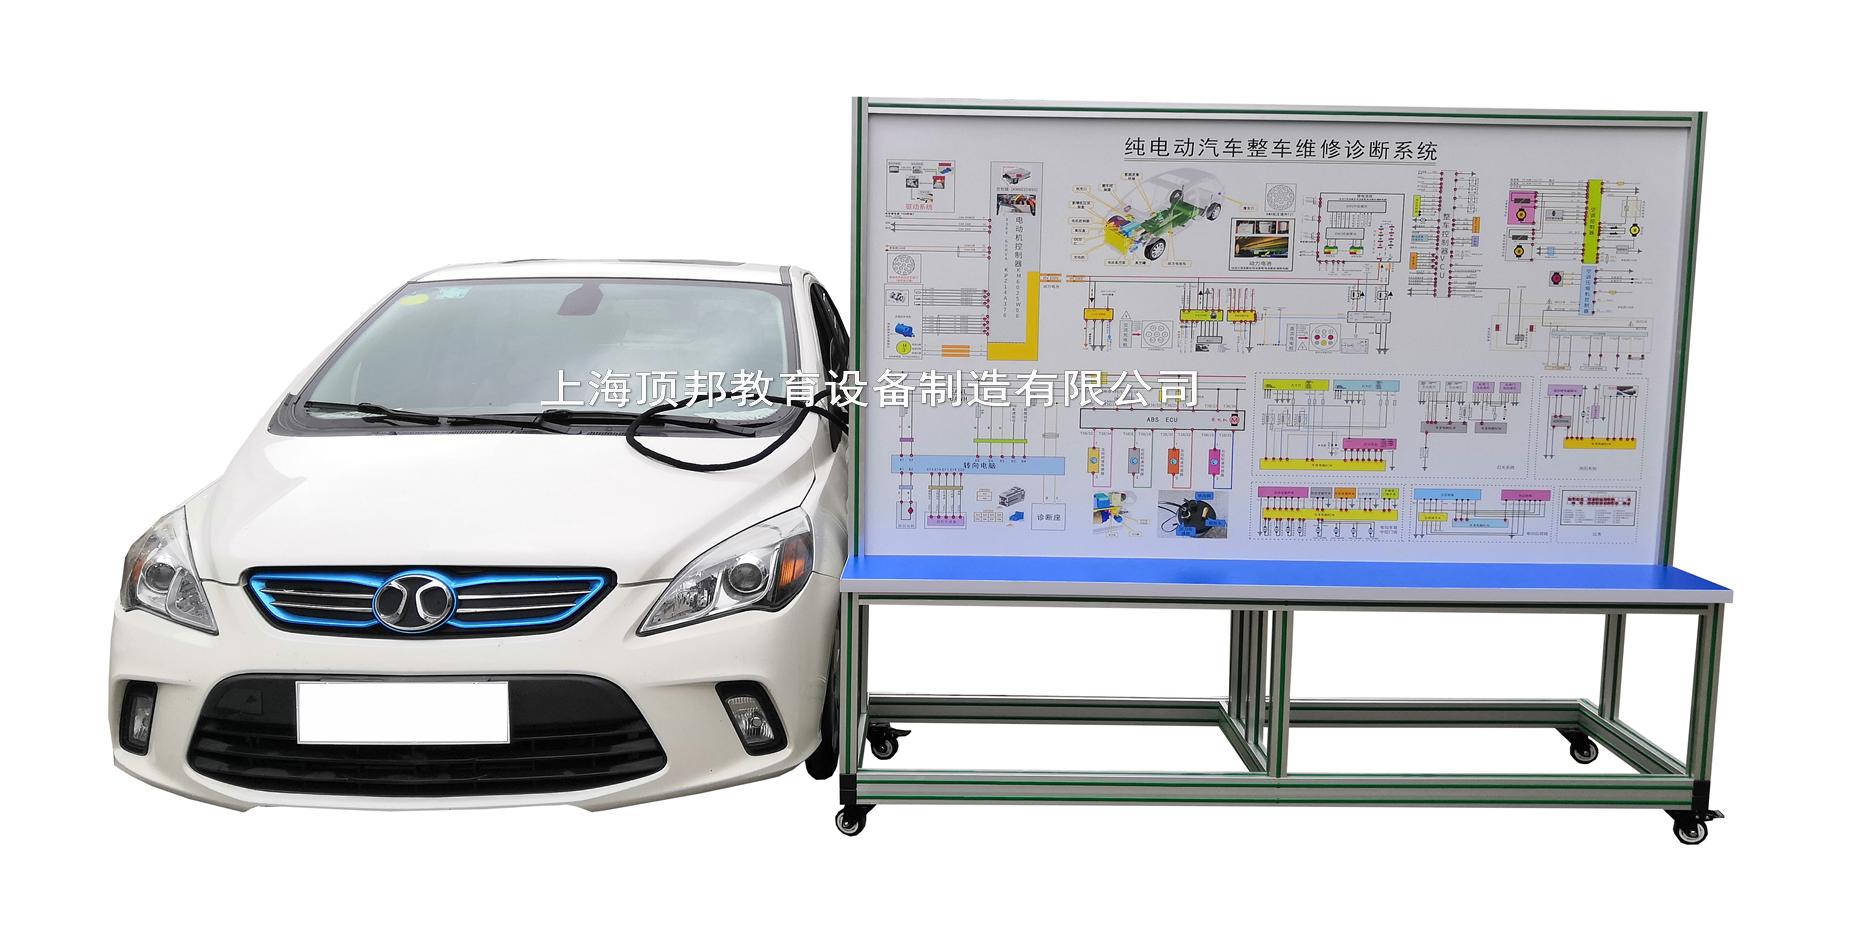 纯电动汽车整车维修诊断系统